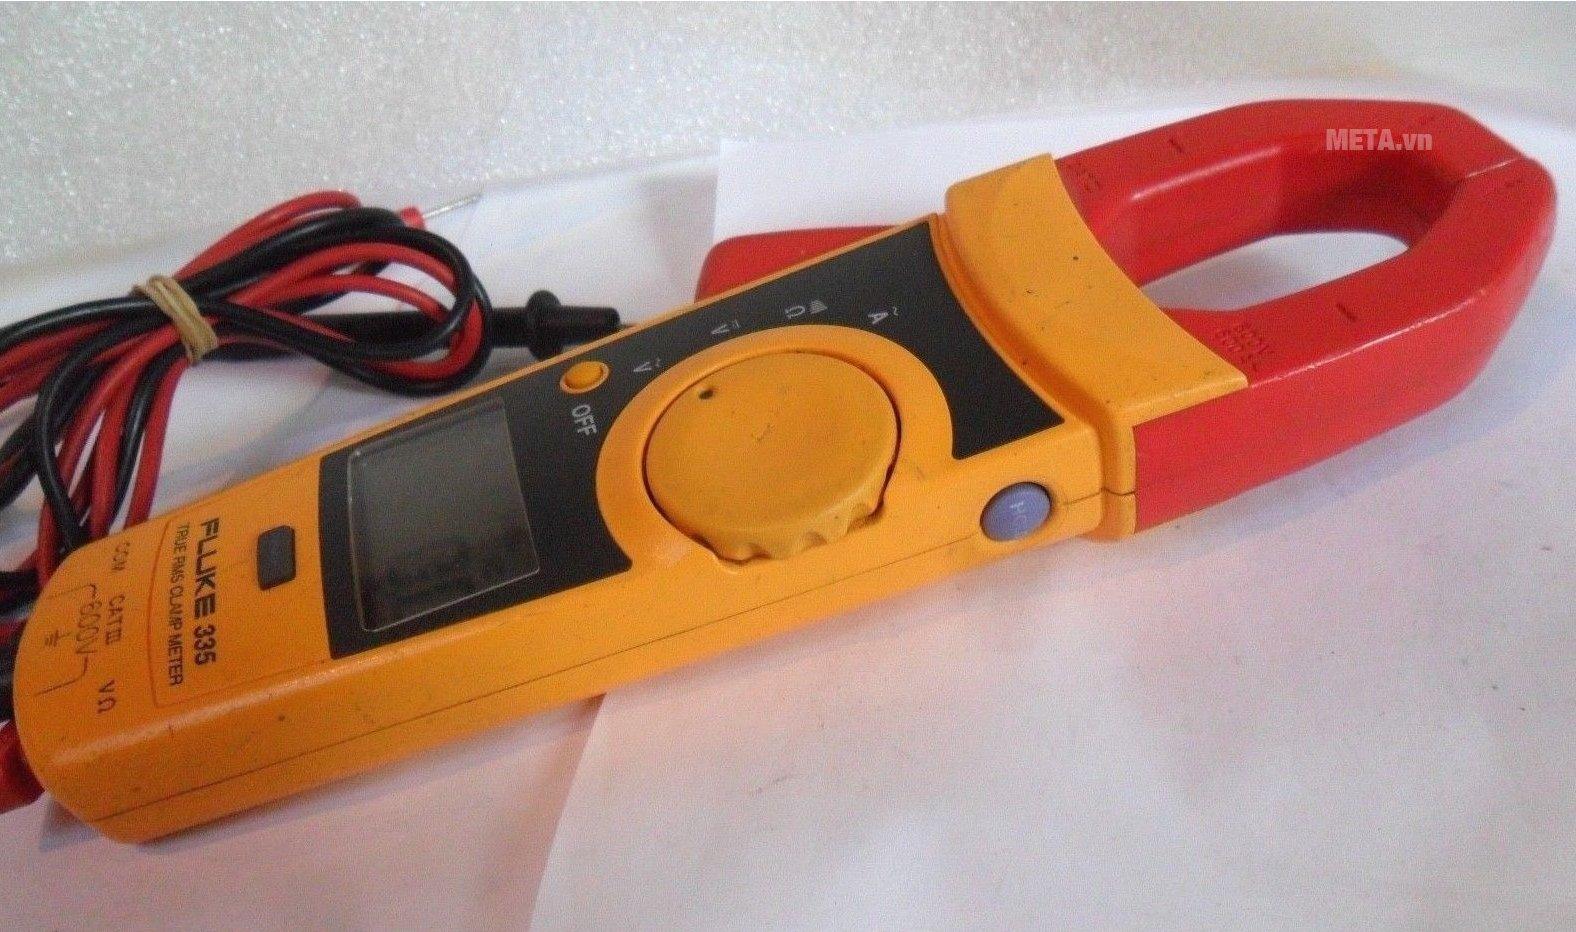 Ampe kìm Fluke 335 có thiết kế nhỏ gọn